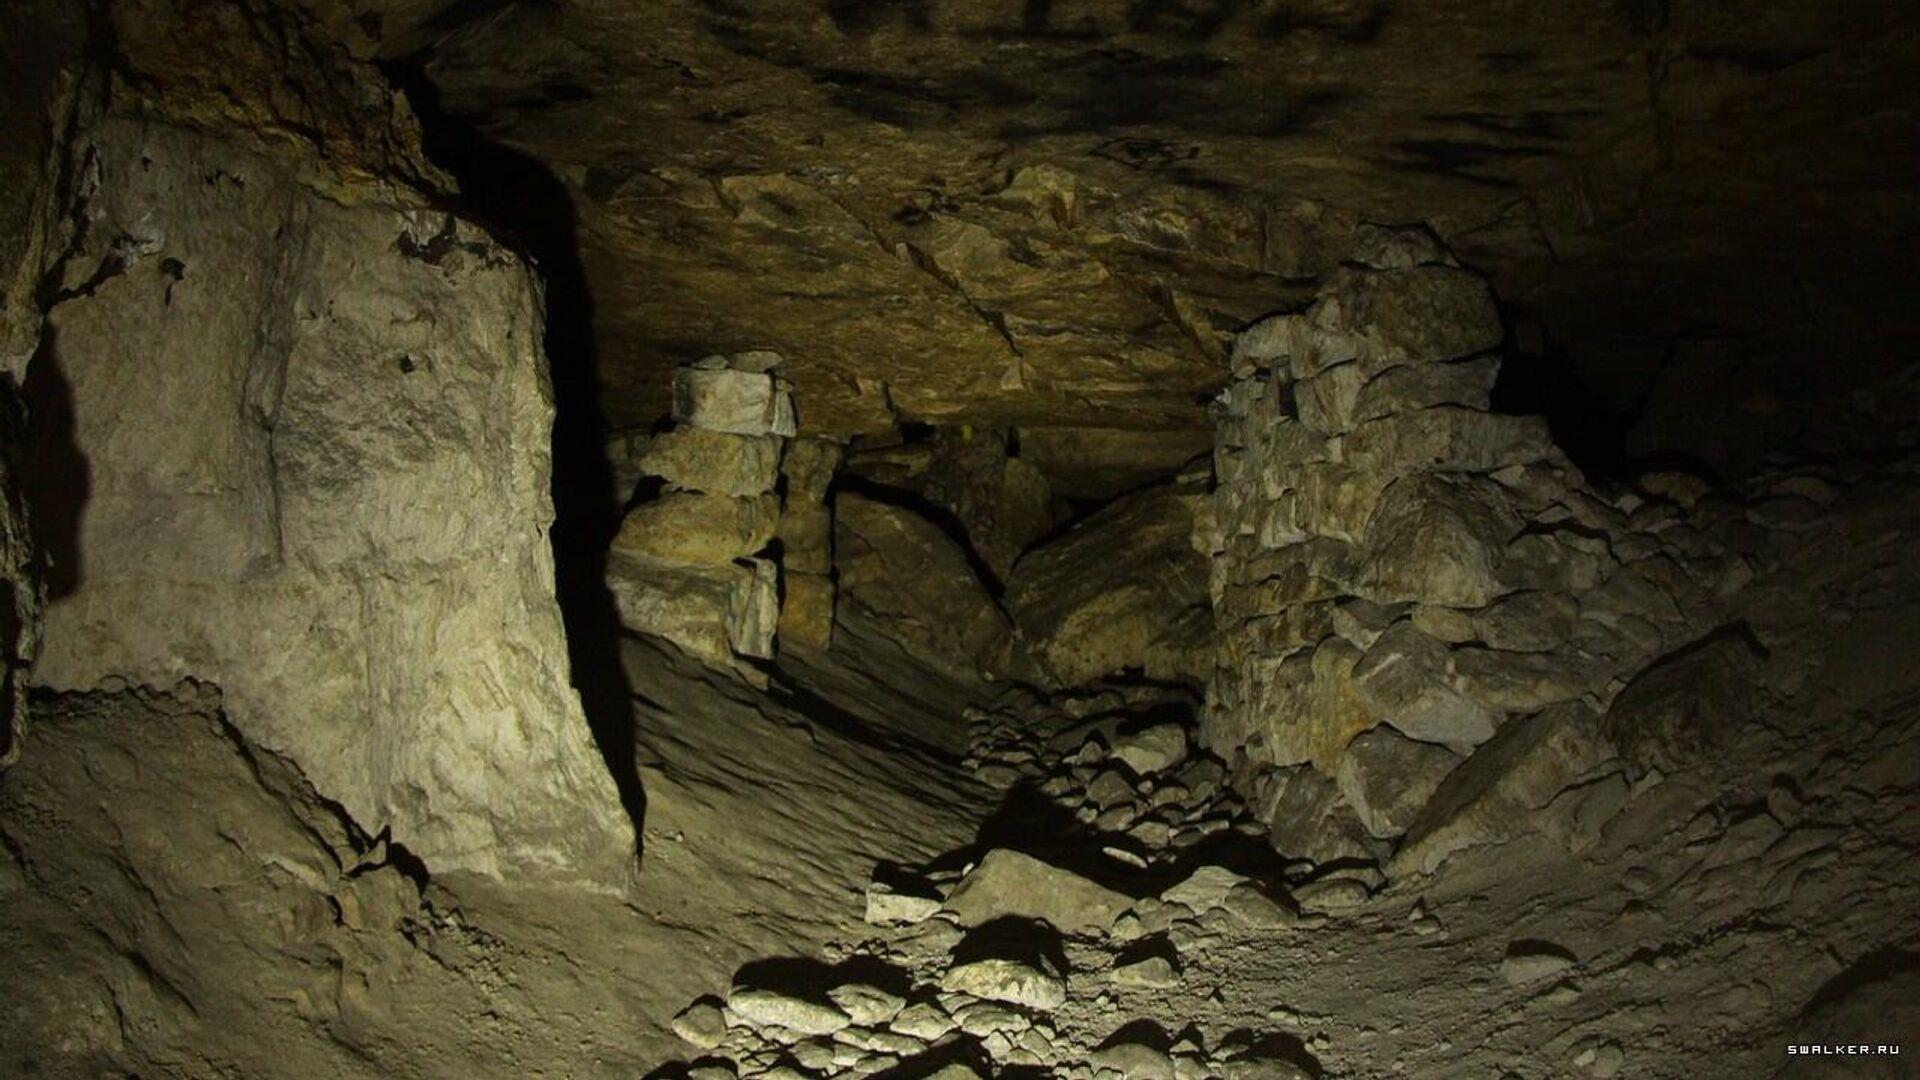 Сьяновские пещеры - РИА Новости, 1920, 17.12.2020